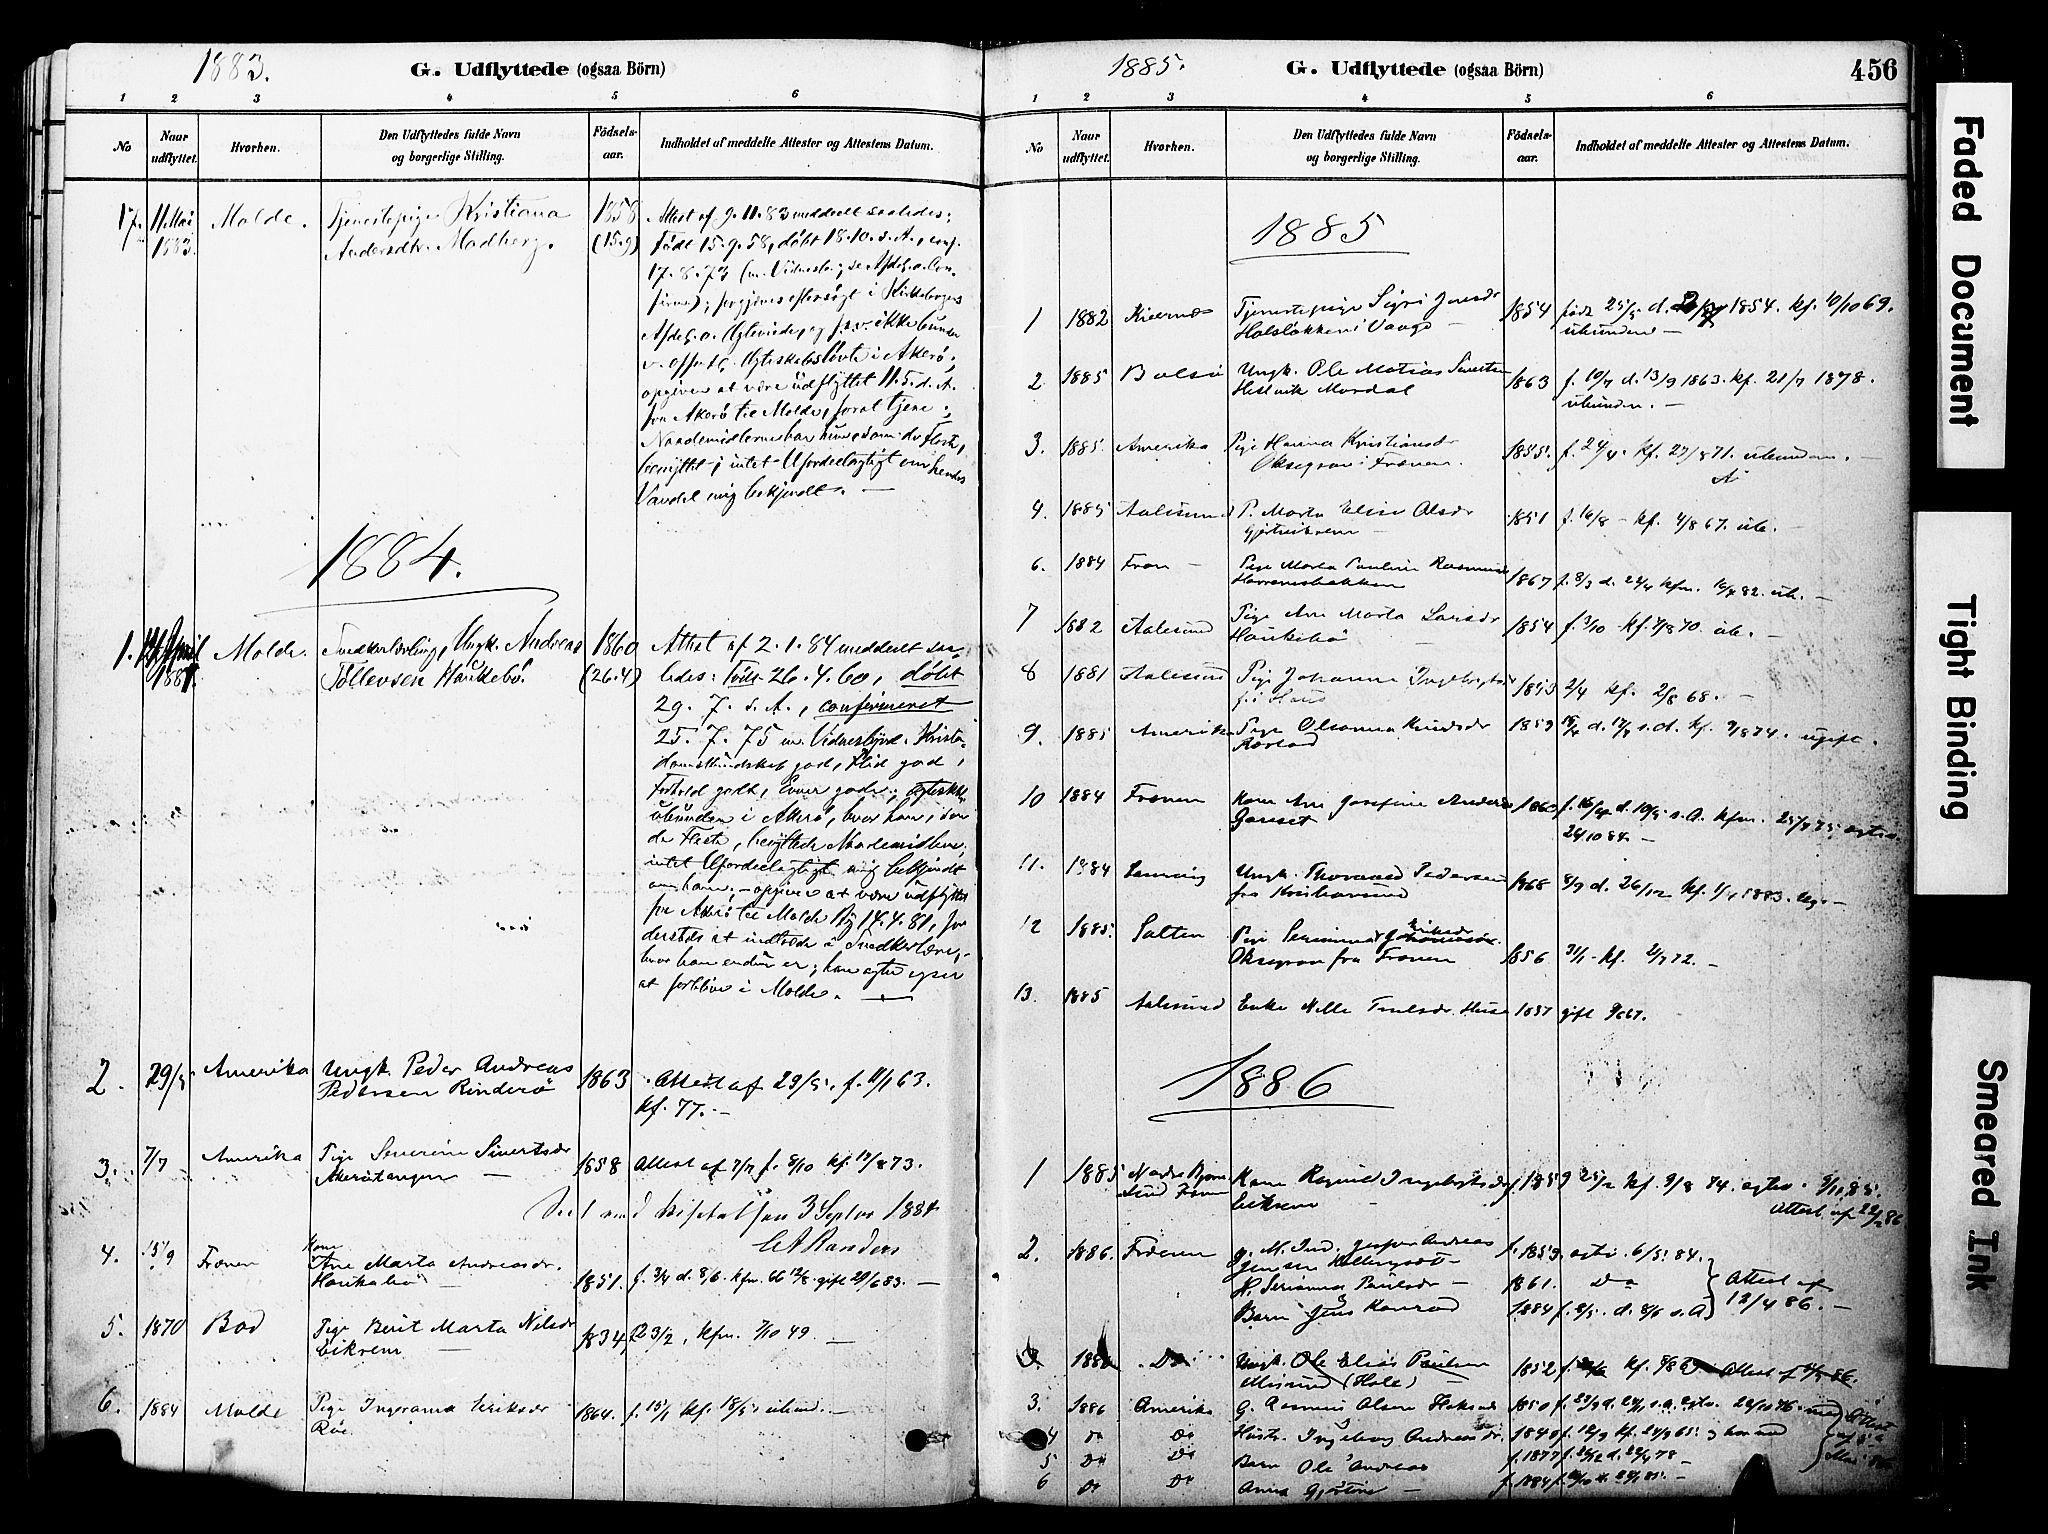 SAT, Ministerialprotokoller, klokkerbøker og fødselsregistre - Møre og Romsdal, 560/L0721: Ministerialbok nr. 560A05, 1878-1917, s. 456